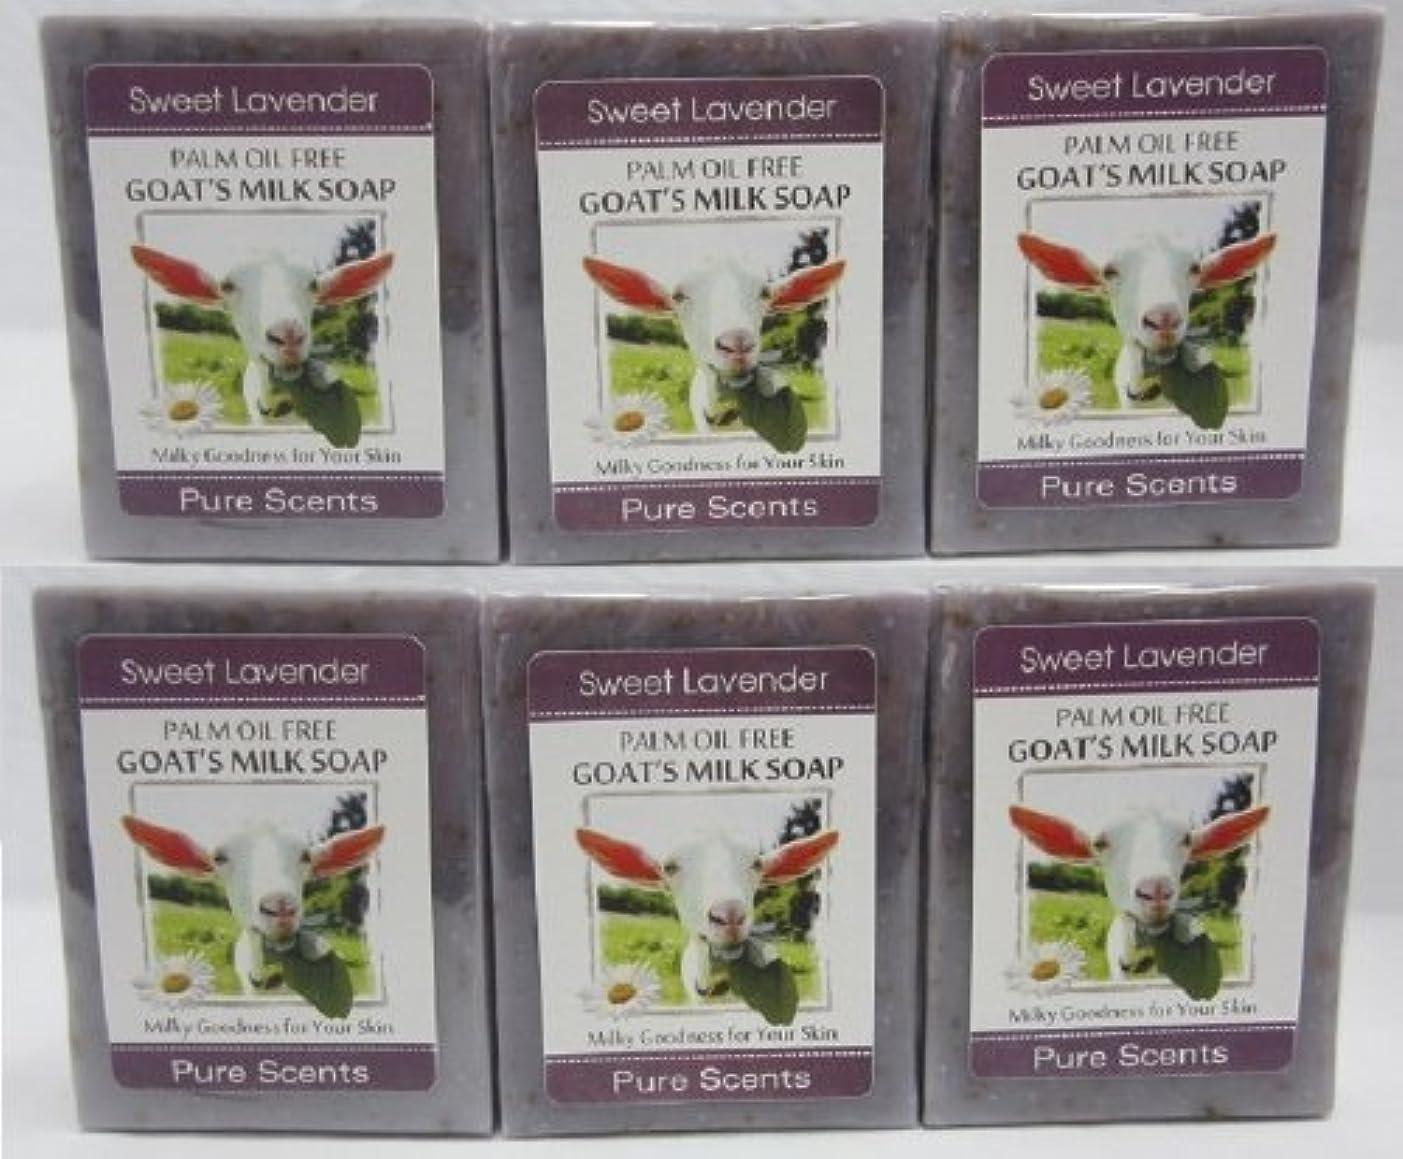 正義エレベーターバーチャル【Pure Scents】Goat's Milk Soap ヤギのミルクせっけん 6個セット Sweet Lavender スイートラベンダー